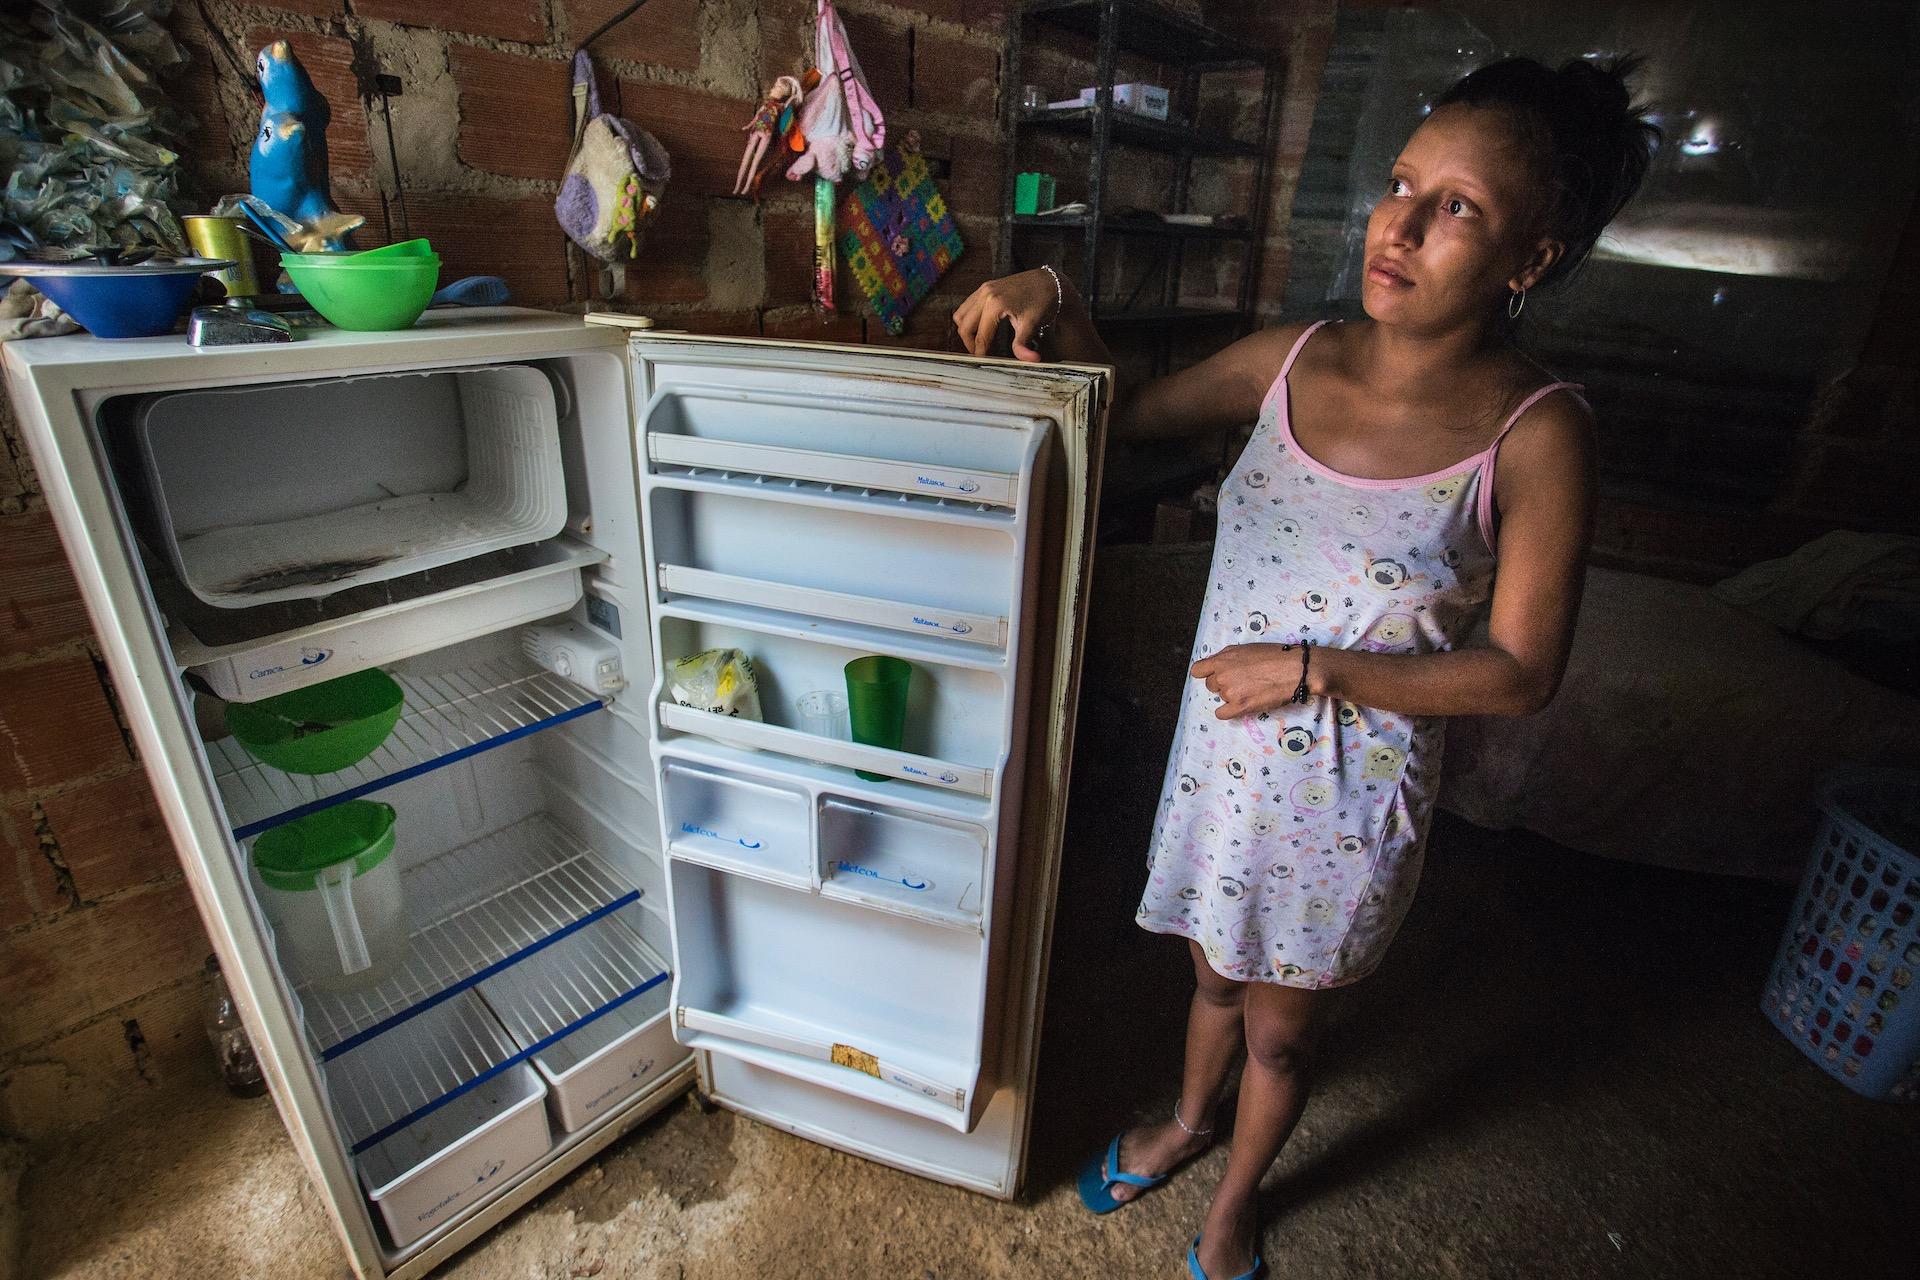 Zwangere vrouw:Imberlin is 23 jaar en zwanger van de tweede. Haar dochtertje is twee jaar. Zij zegt het te redden dankzij hulp van familie en vrienden. Ze is verbaasd als we vragen of we in haar koelkast mogen kijken, want daar zit toch niets in. Haar koelkast staat wel aan maar er zit niets in.In een buitenwijk van Caracas, Mirador de la Lagunita, waar zo'n 380 families wonen. Een plek waar altijd al armere mensen woonden, maar waar tot zo'n vijf jaar geleden gewoon stromend water was. Mensen hadden altijd voldoende eten en medicijnen zoals pijnstillers, maar dat is voor veel van hen nu moeilijk. Veel verscheurde families wonen hier.